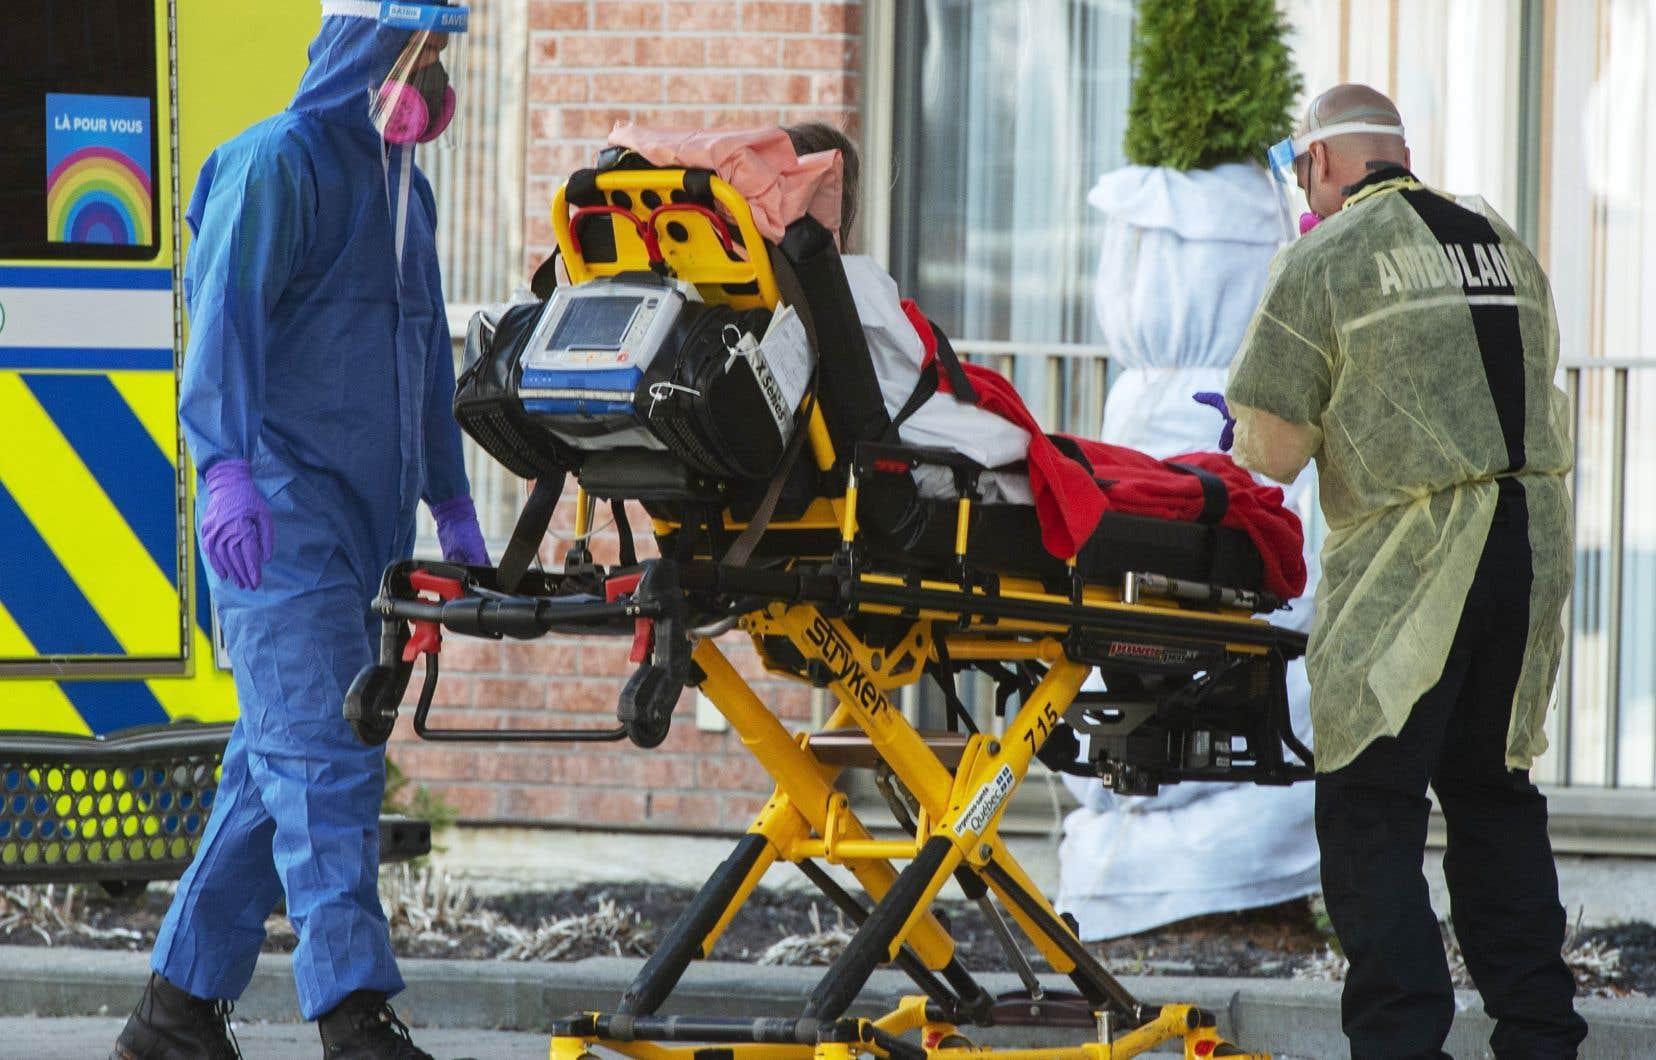 Contaminé par le coronavirus, un résident de la Résidence Floralies, à LaSalle, est transporté à l'hôpital.